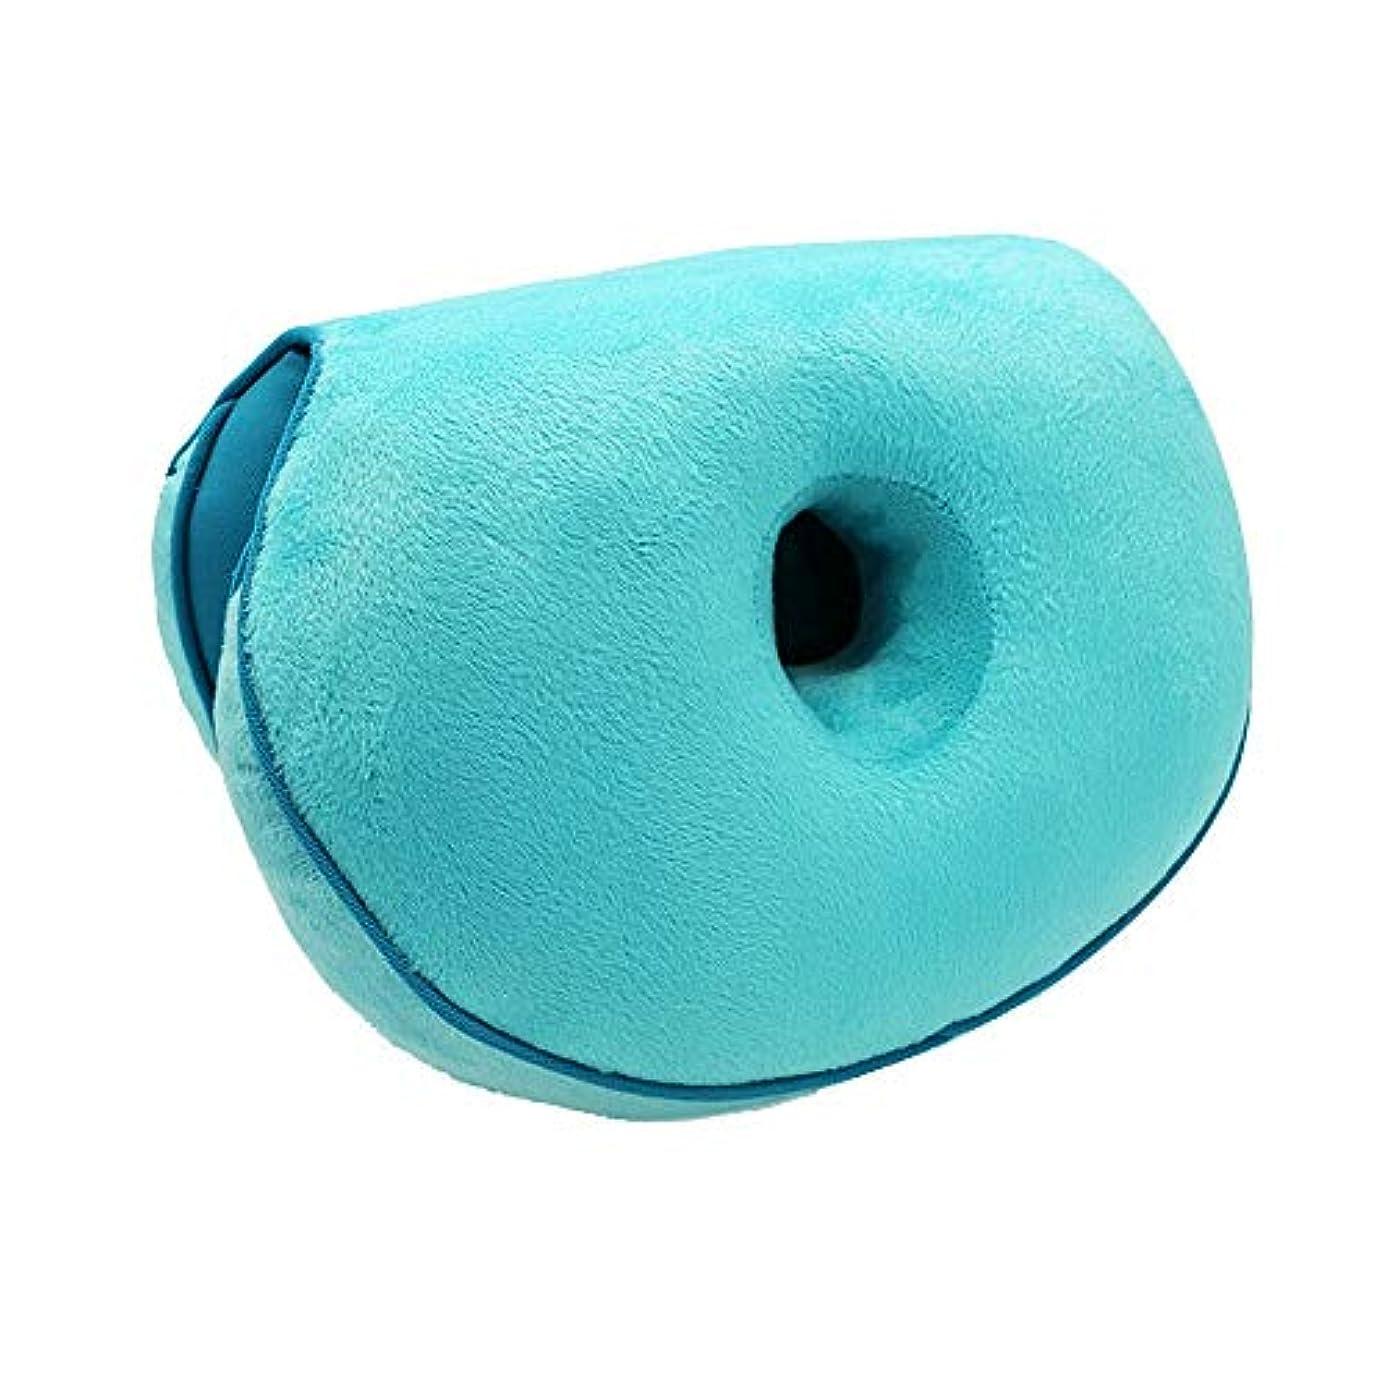 アウトドアページェント一般化するLIFE2019 新デュアルシートクッション低反発ラテックスオフィスチェアバックシートクッション快適な臀部マットパッド枕旅行枕女性女の子クッション 椅子